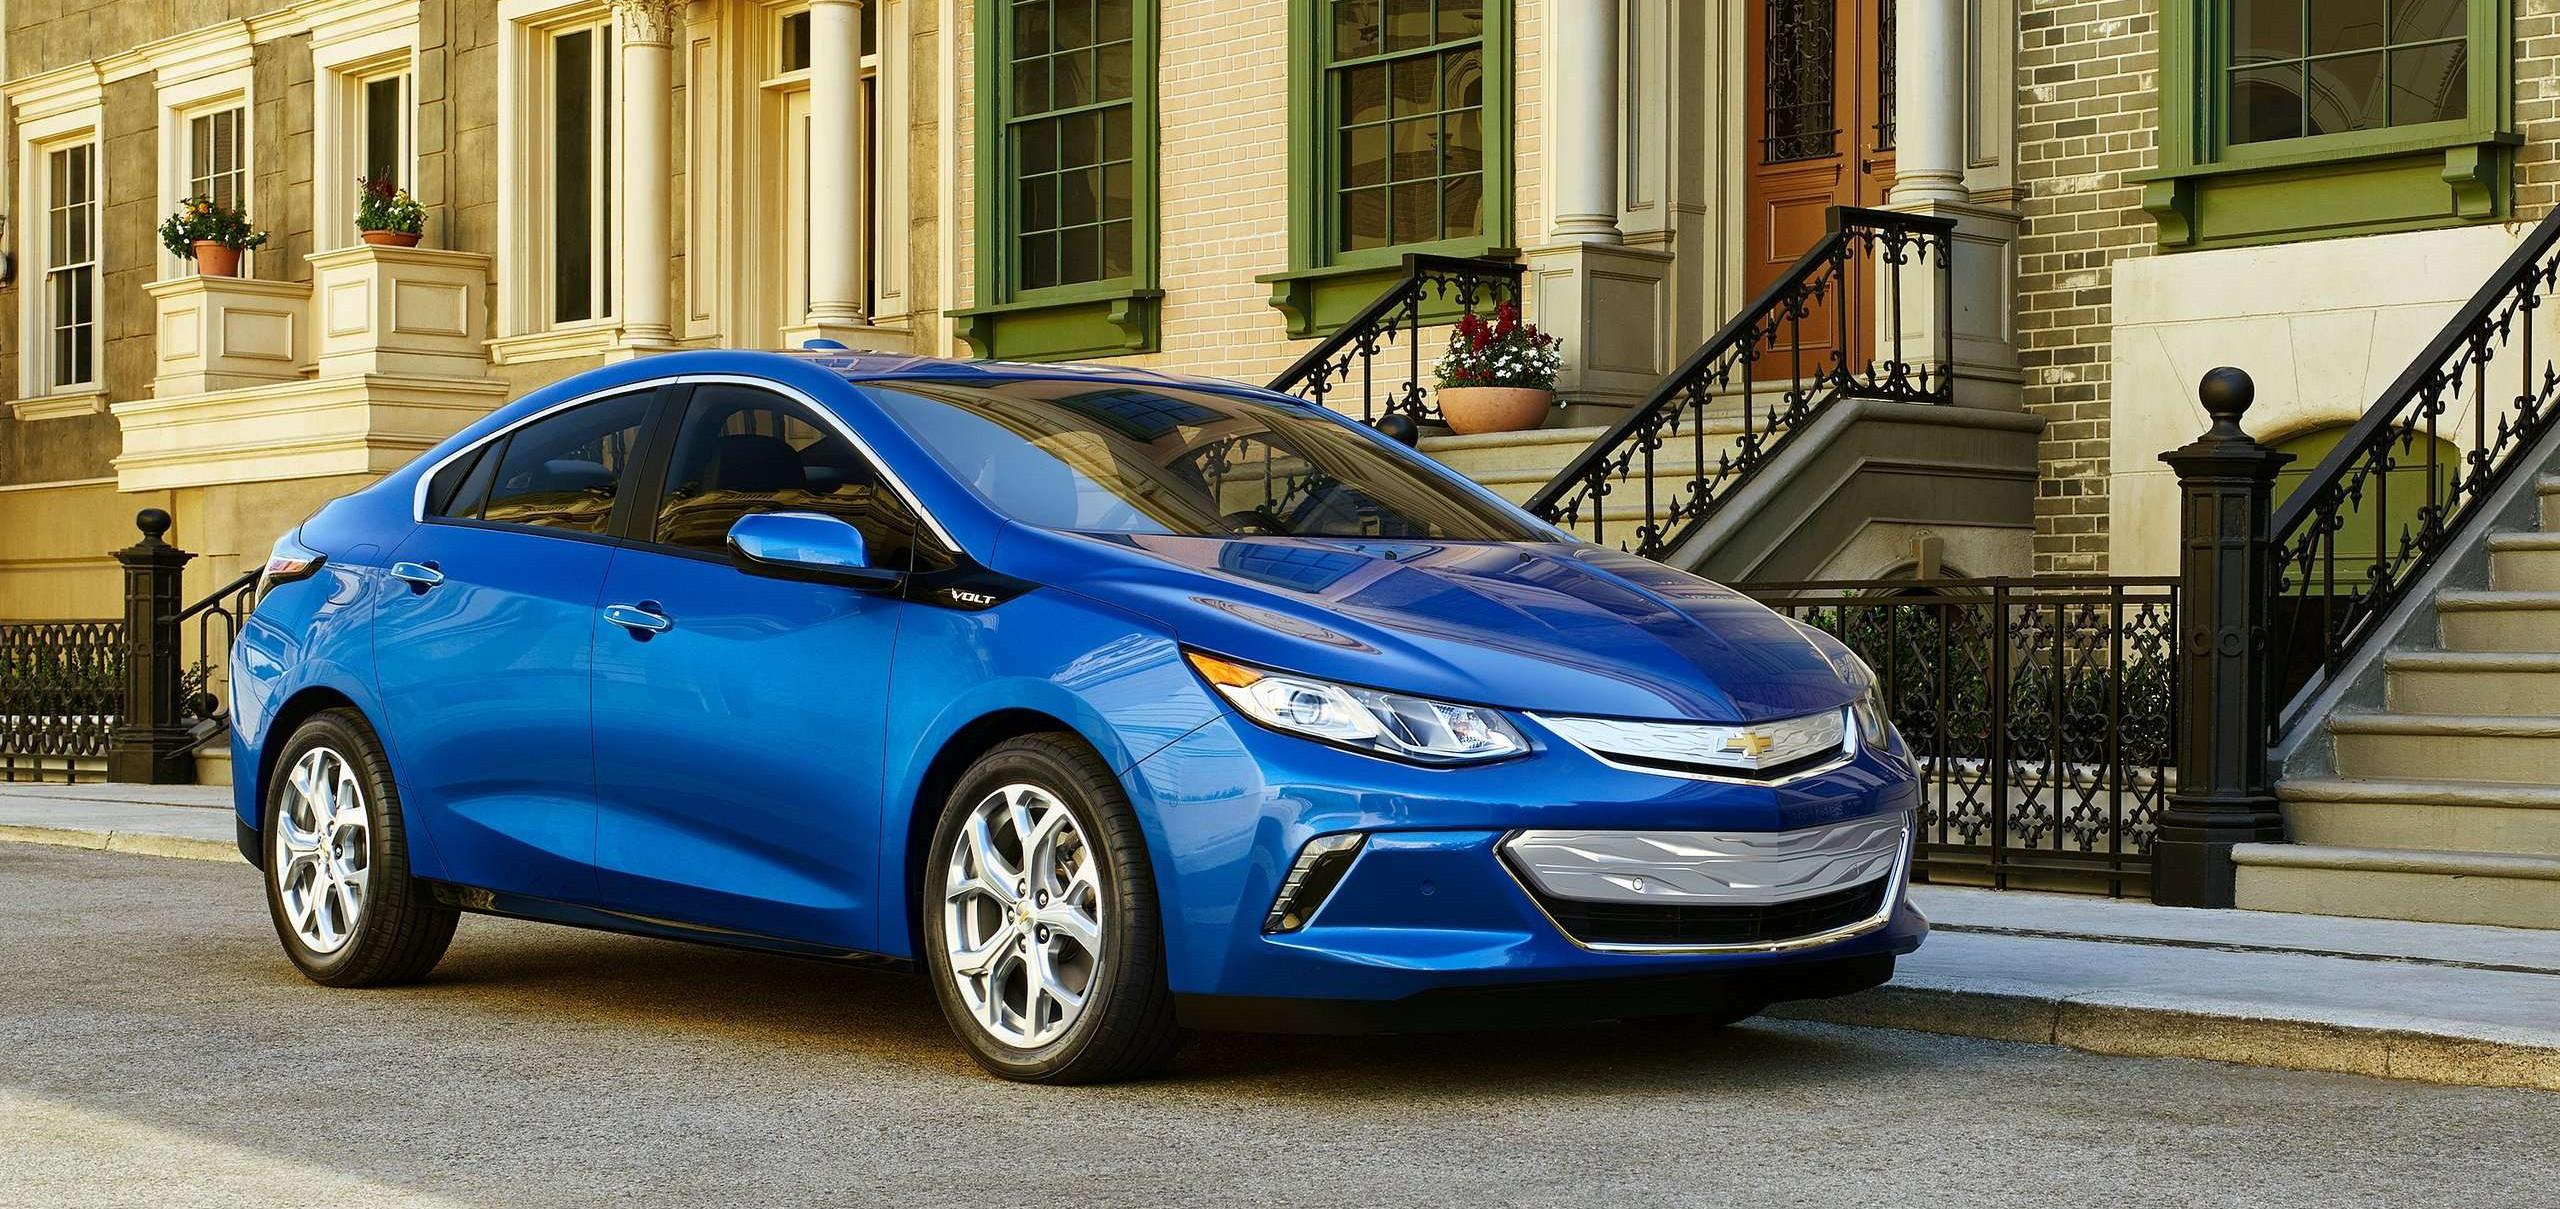 Chevrolet-Volt-2016-hd